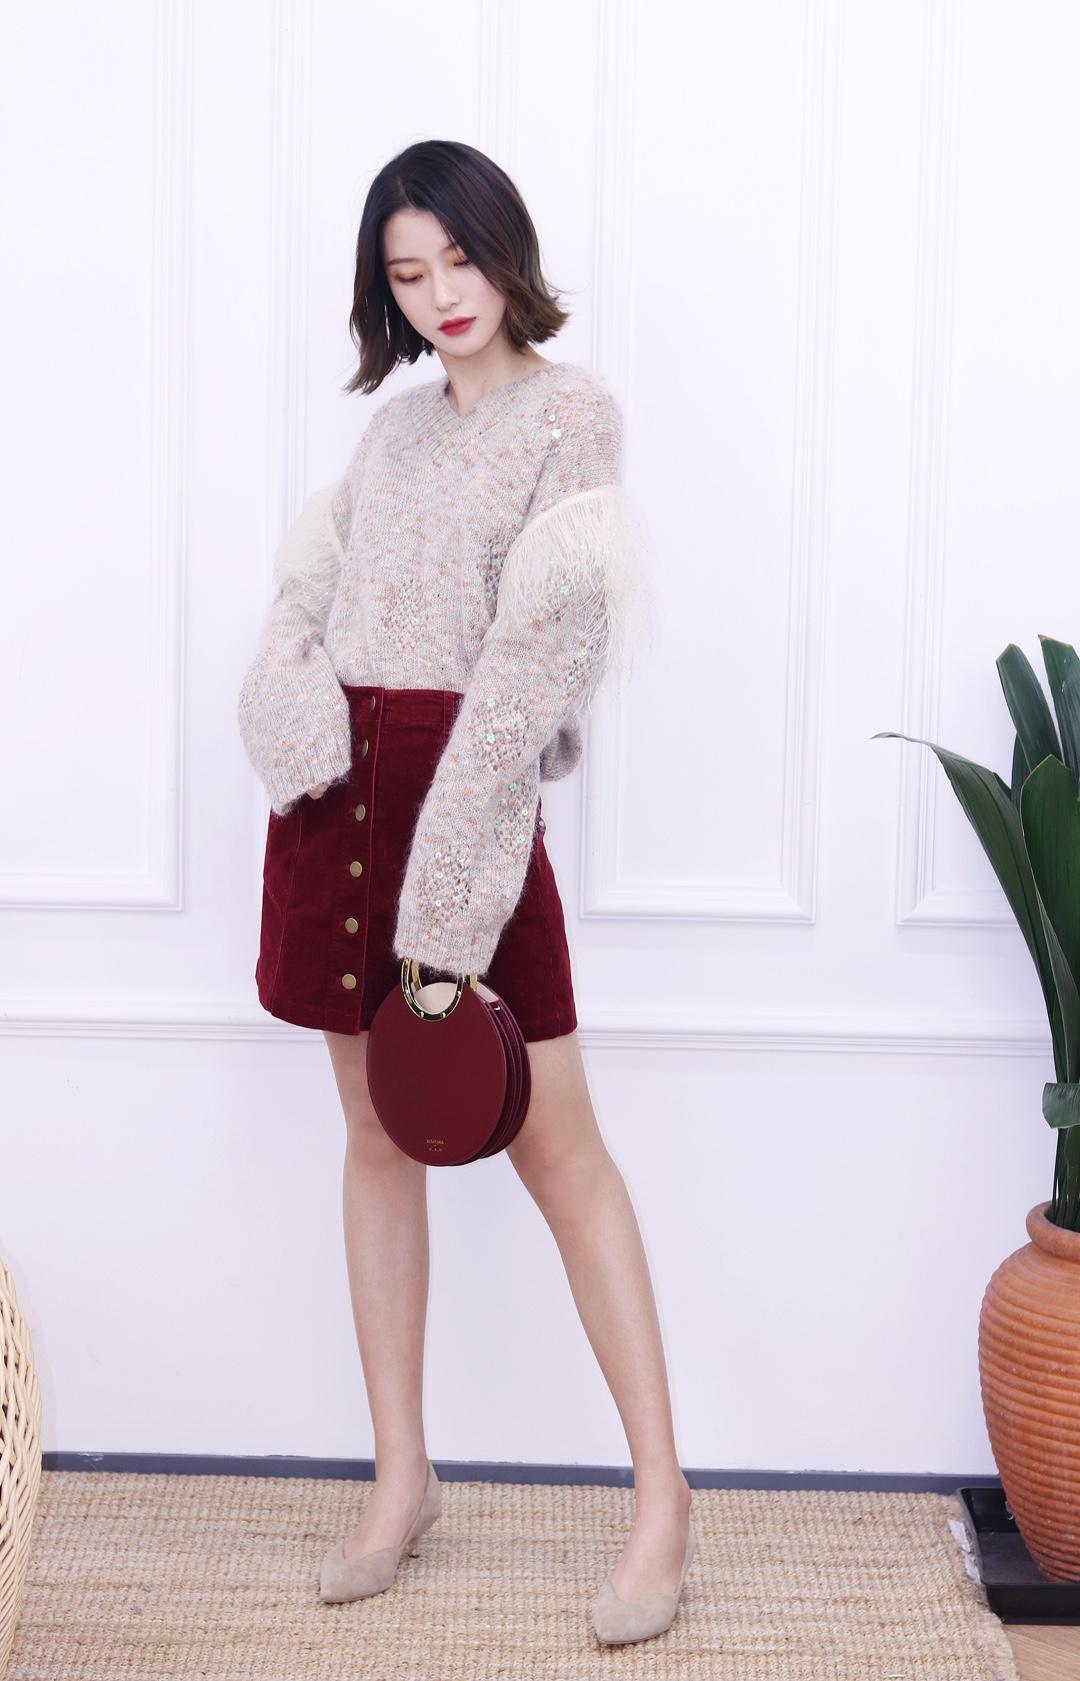 """裙子是很多女生内搭的首选单品,特别是半身裙,毛衣+半身裙的搭配,基本上矮个的妹子也能驾驭。 纯色的半裙建议和有花纹或者拼接的毛衣搭配更好看,这种拼接纱的毛衣基本上每年冬天的时候都会火一下,也算是经典款~非常温柔呀,而且红色灯芯绒半裙也很衬身材~ #公布我的女生节""""标pay""""#"""